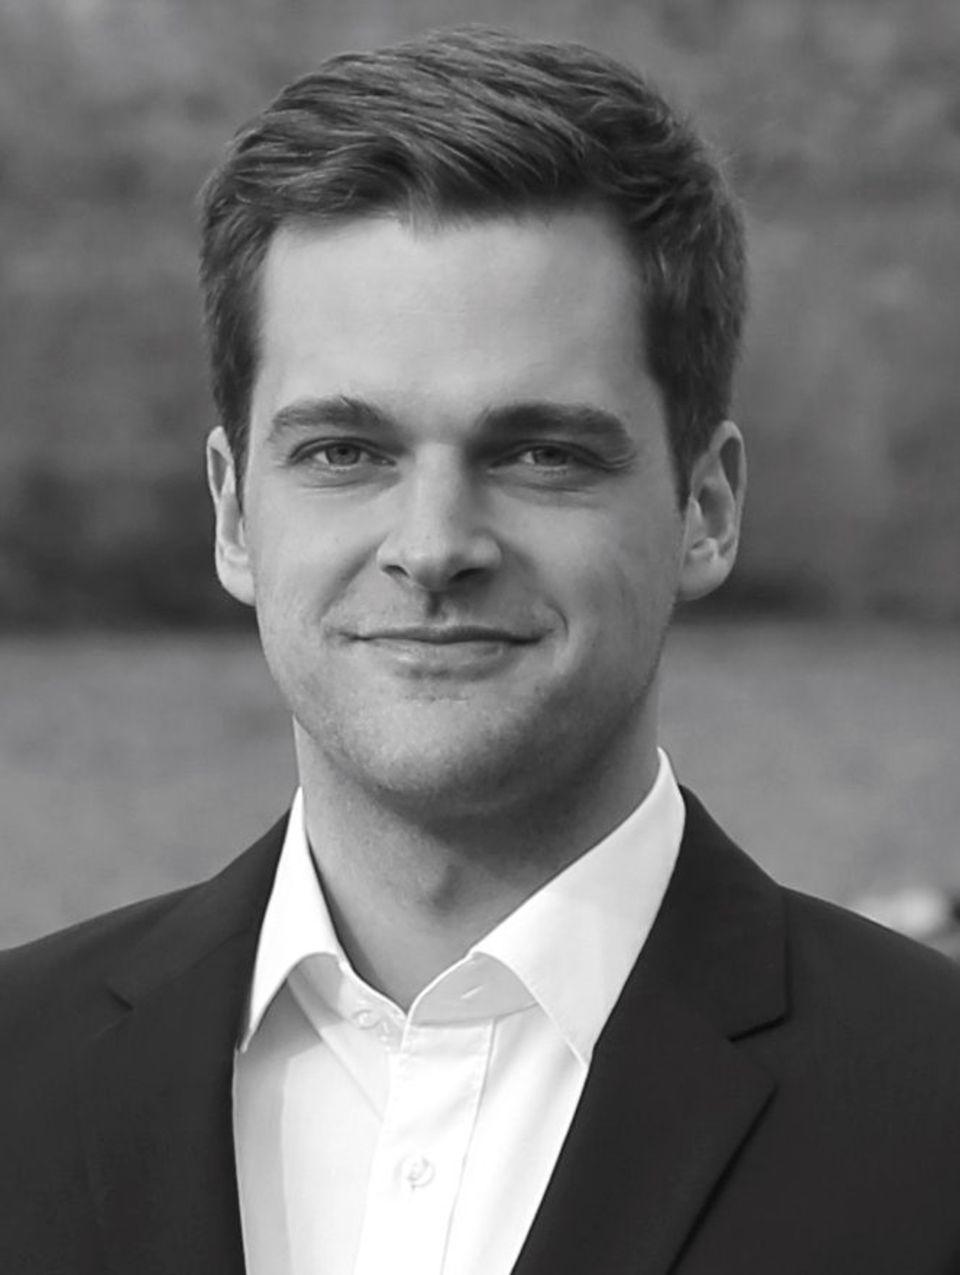 Dr. Matthias Finkemeier